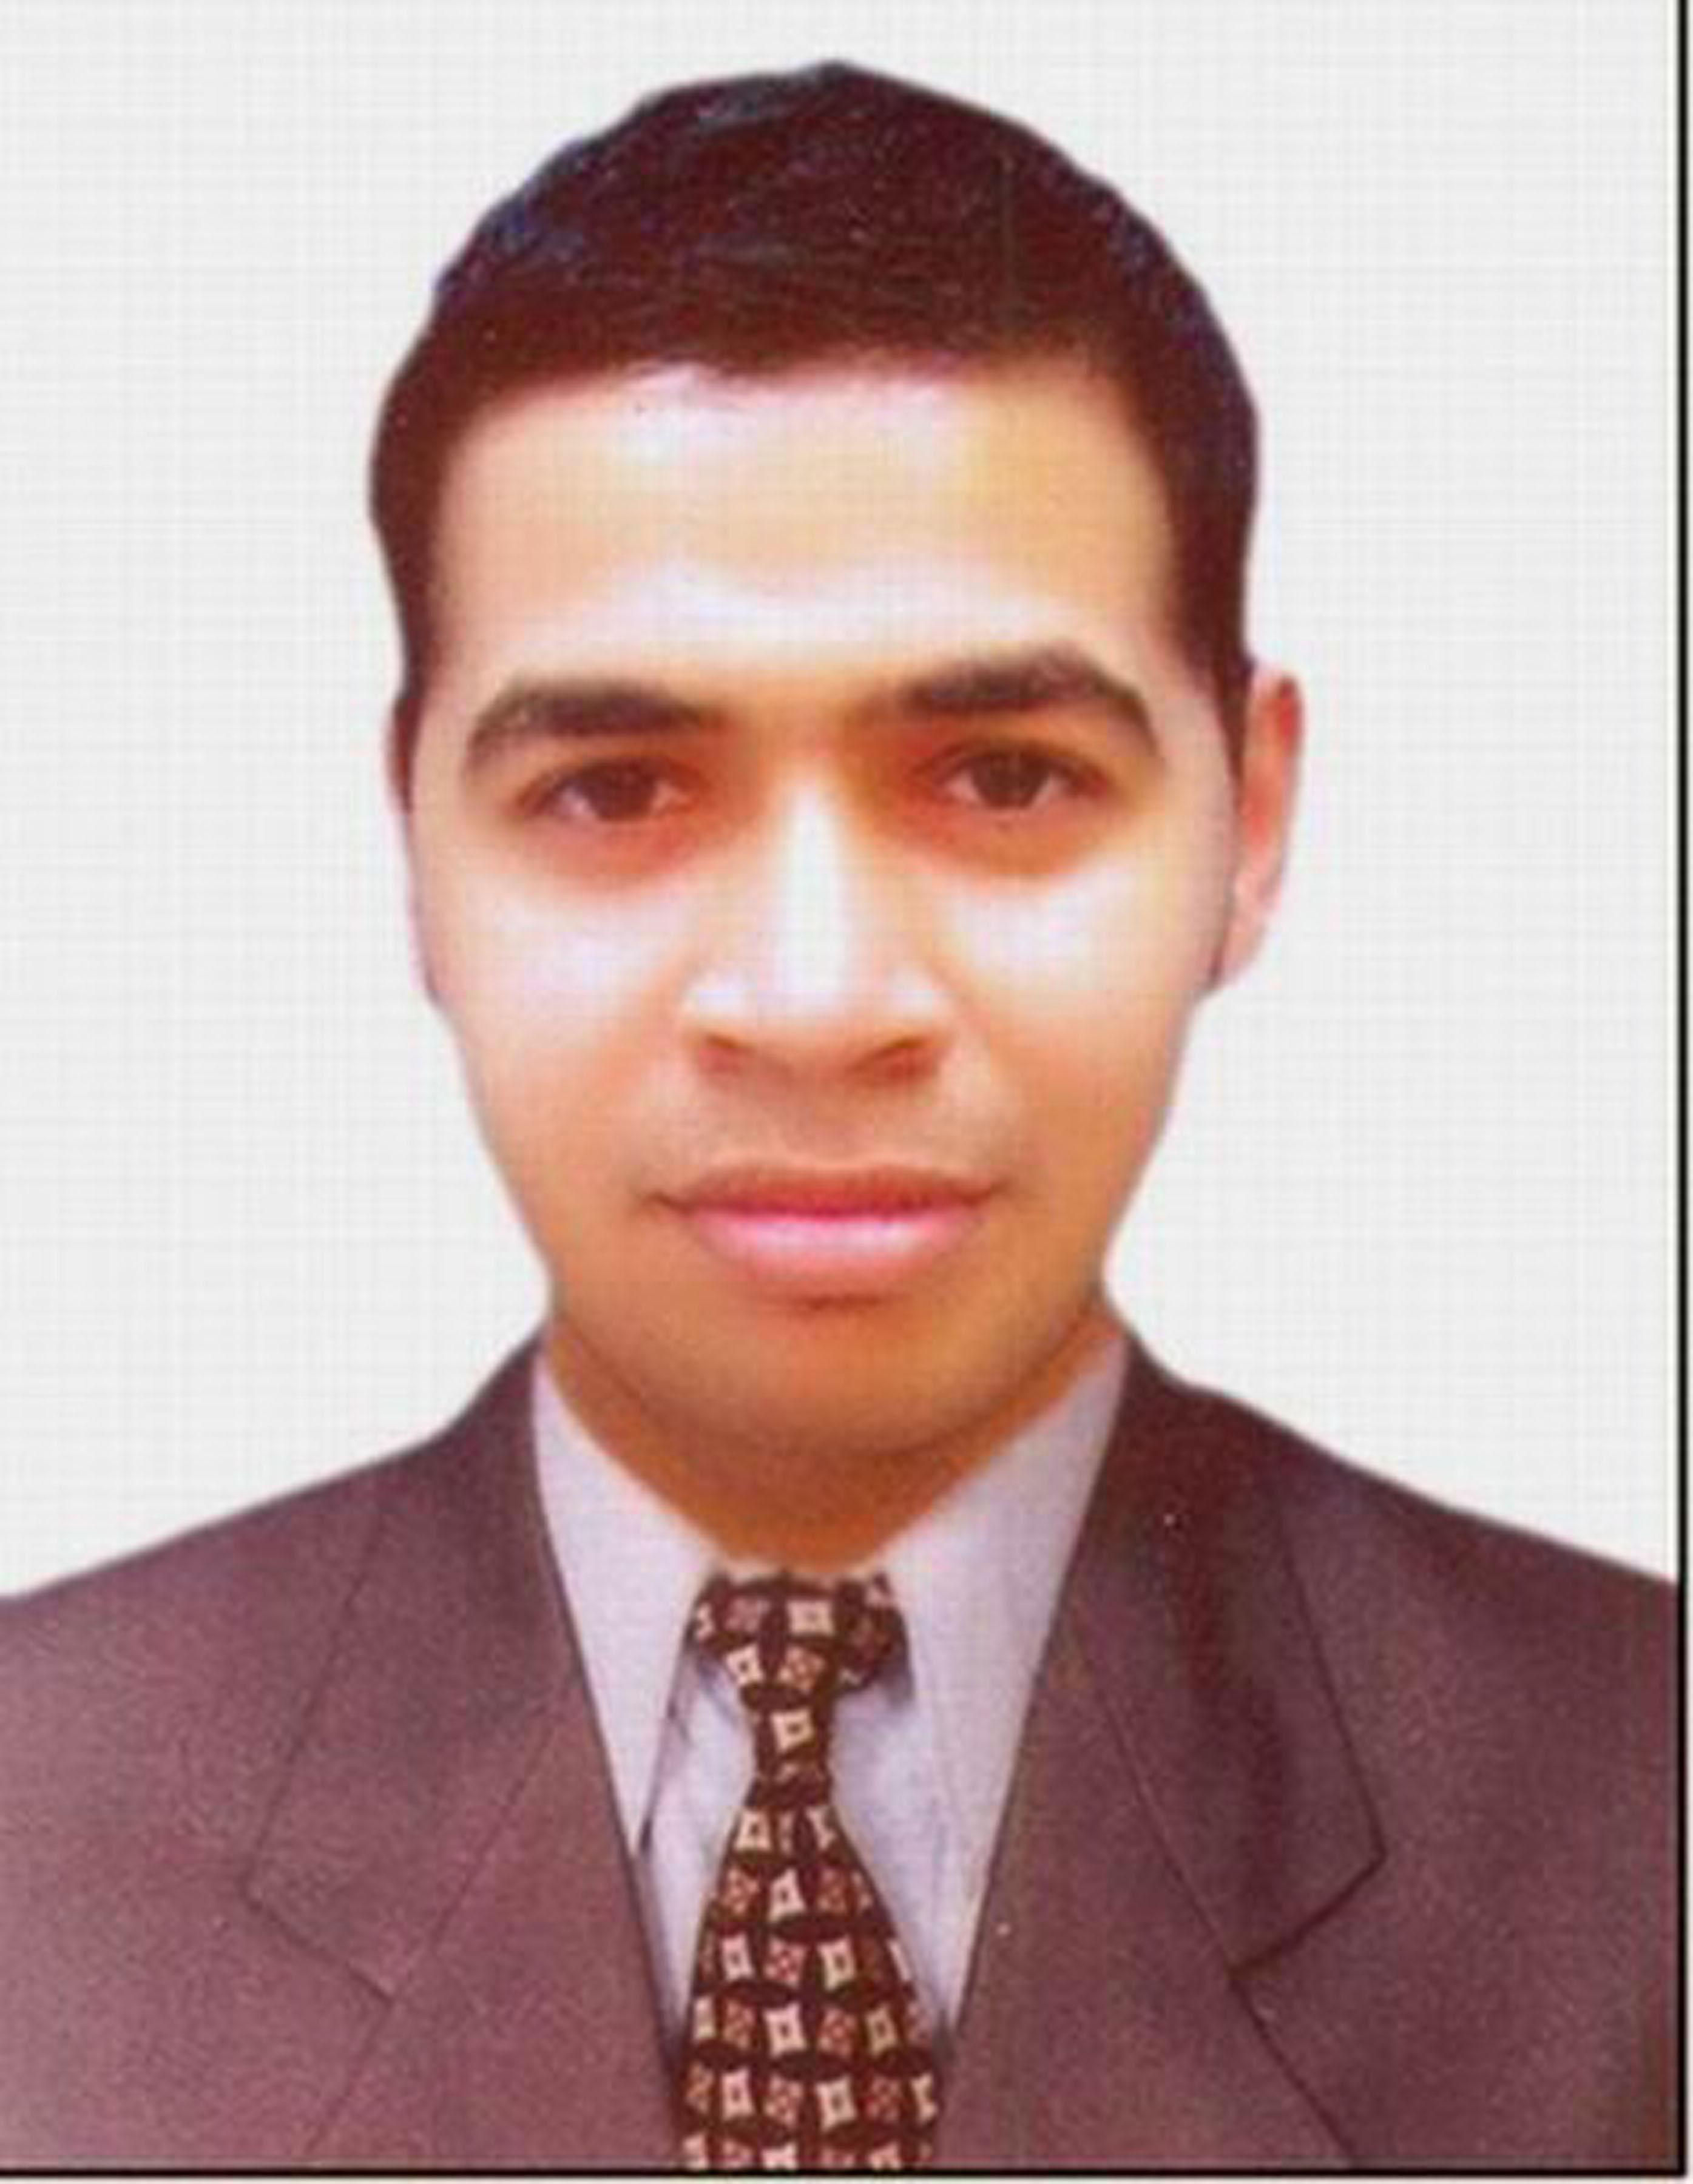 Mubeen Akhtar